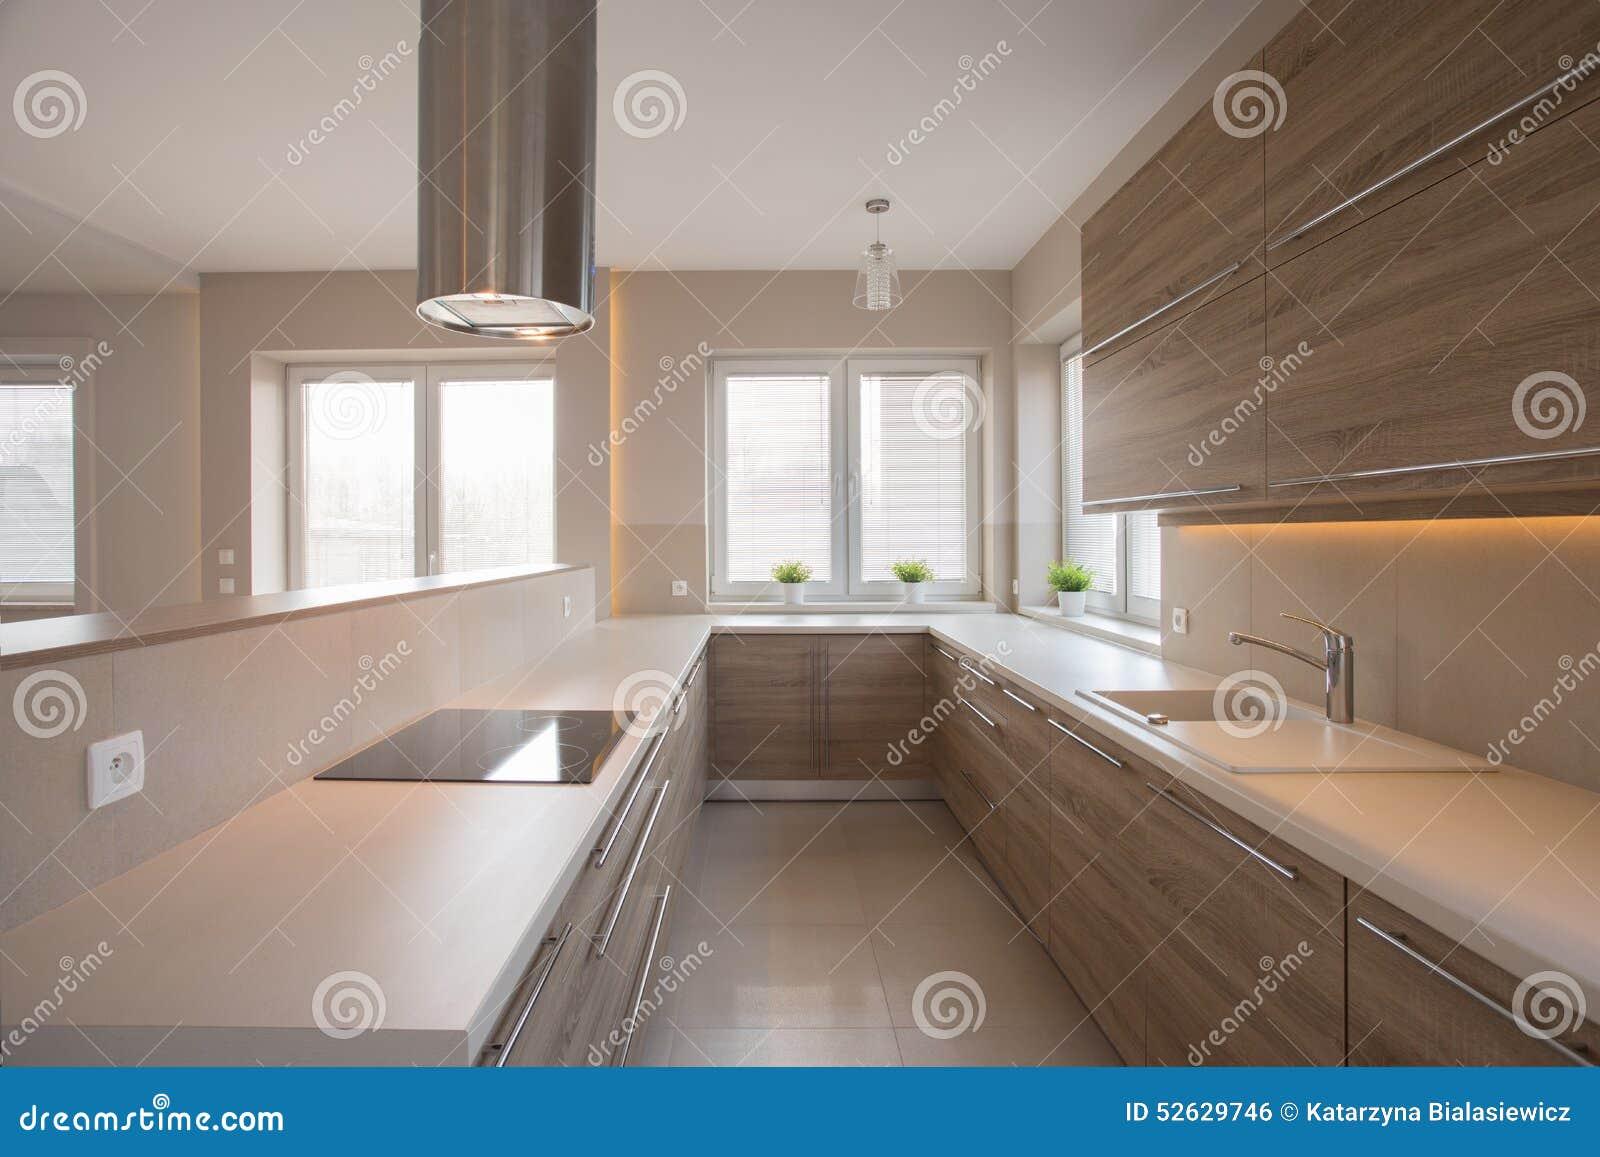 Placards en bois dans la cuisine beige photo stock image - Cuisine beige et bois ...